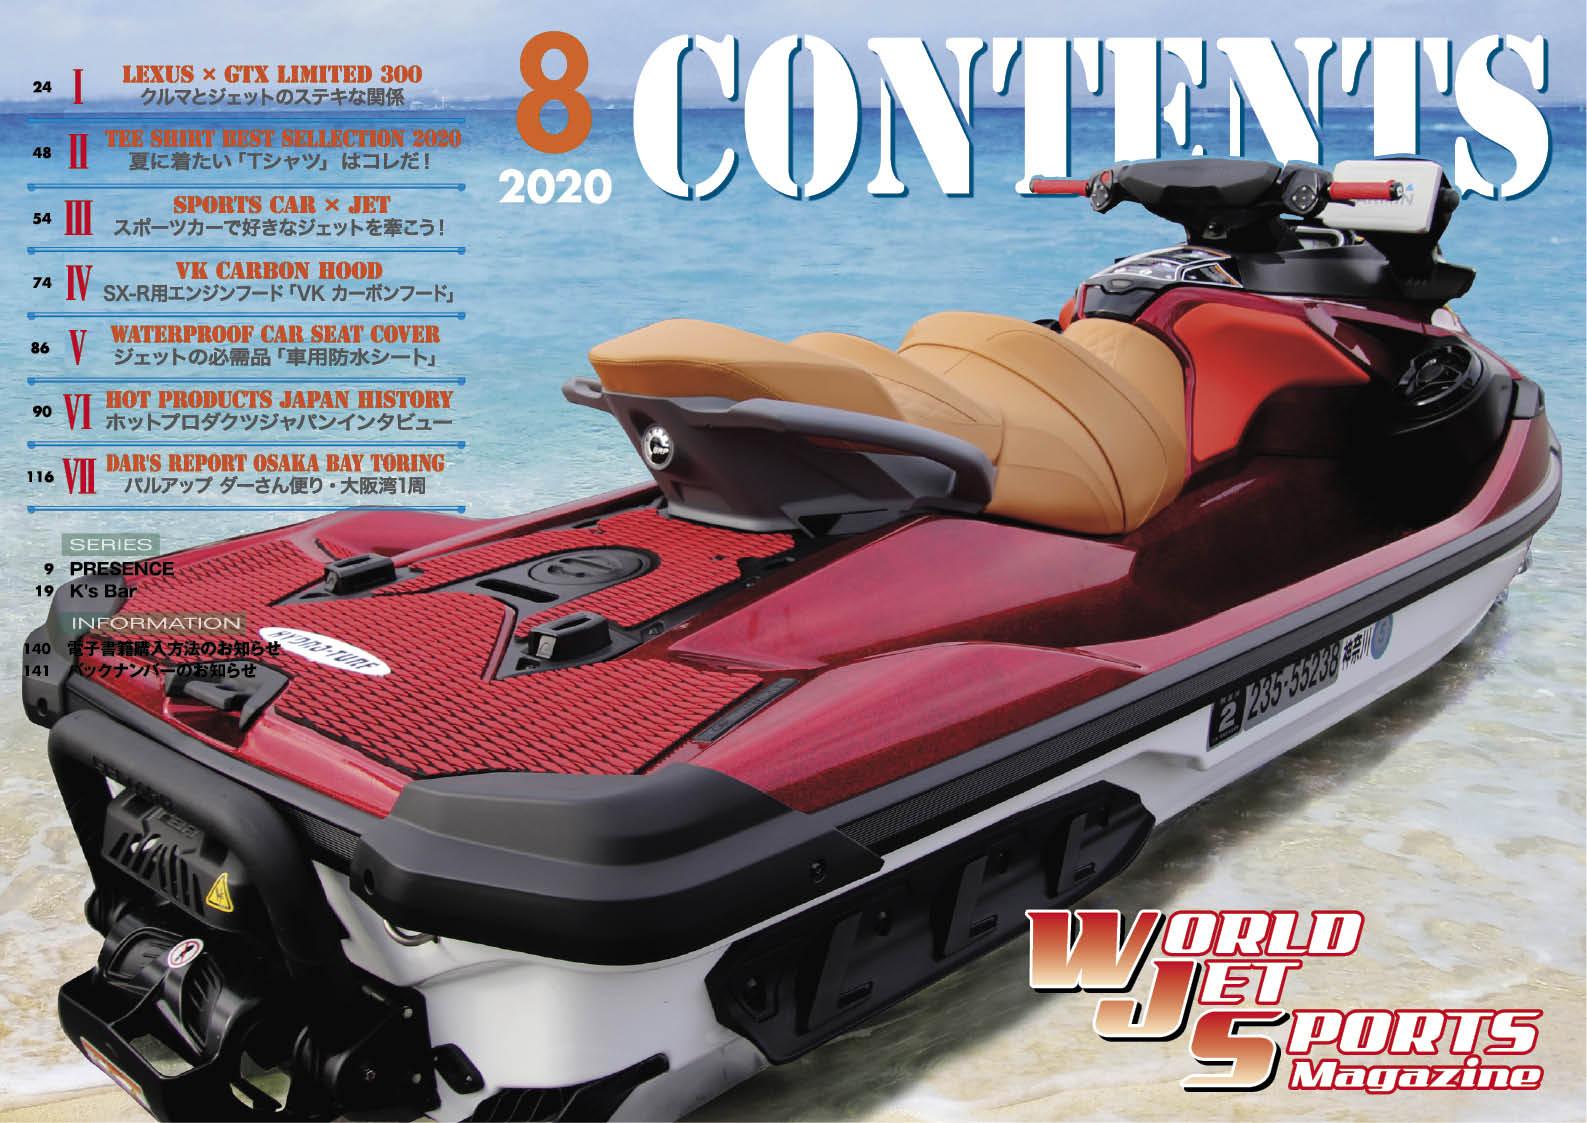 ワールドジェットスポーツマガジン「2020年8月号」 渾身の144ページ、まるごと1冊無料公開中 ジェットスキー(水上バイク)